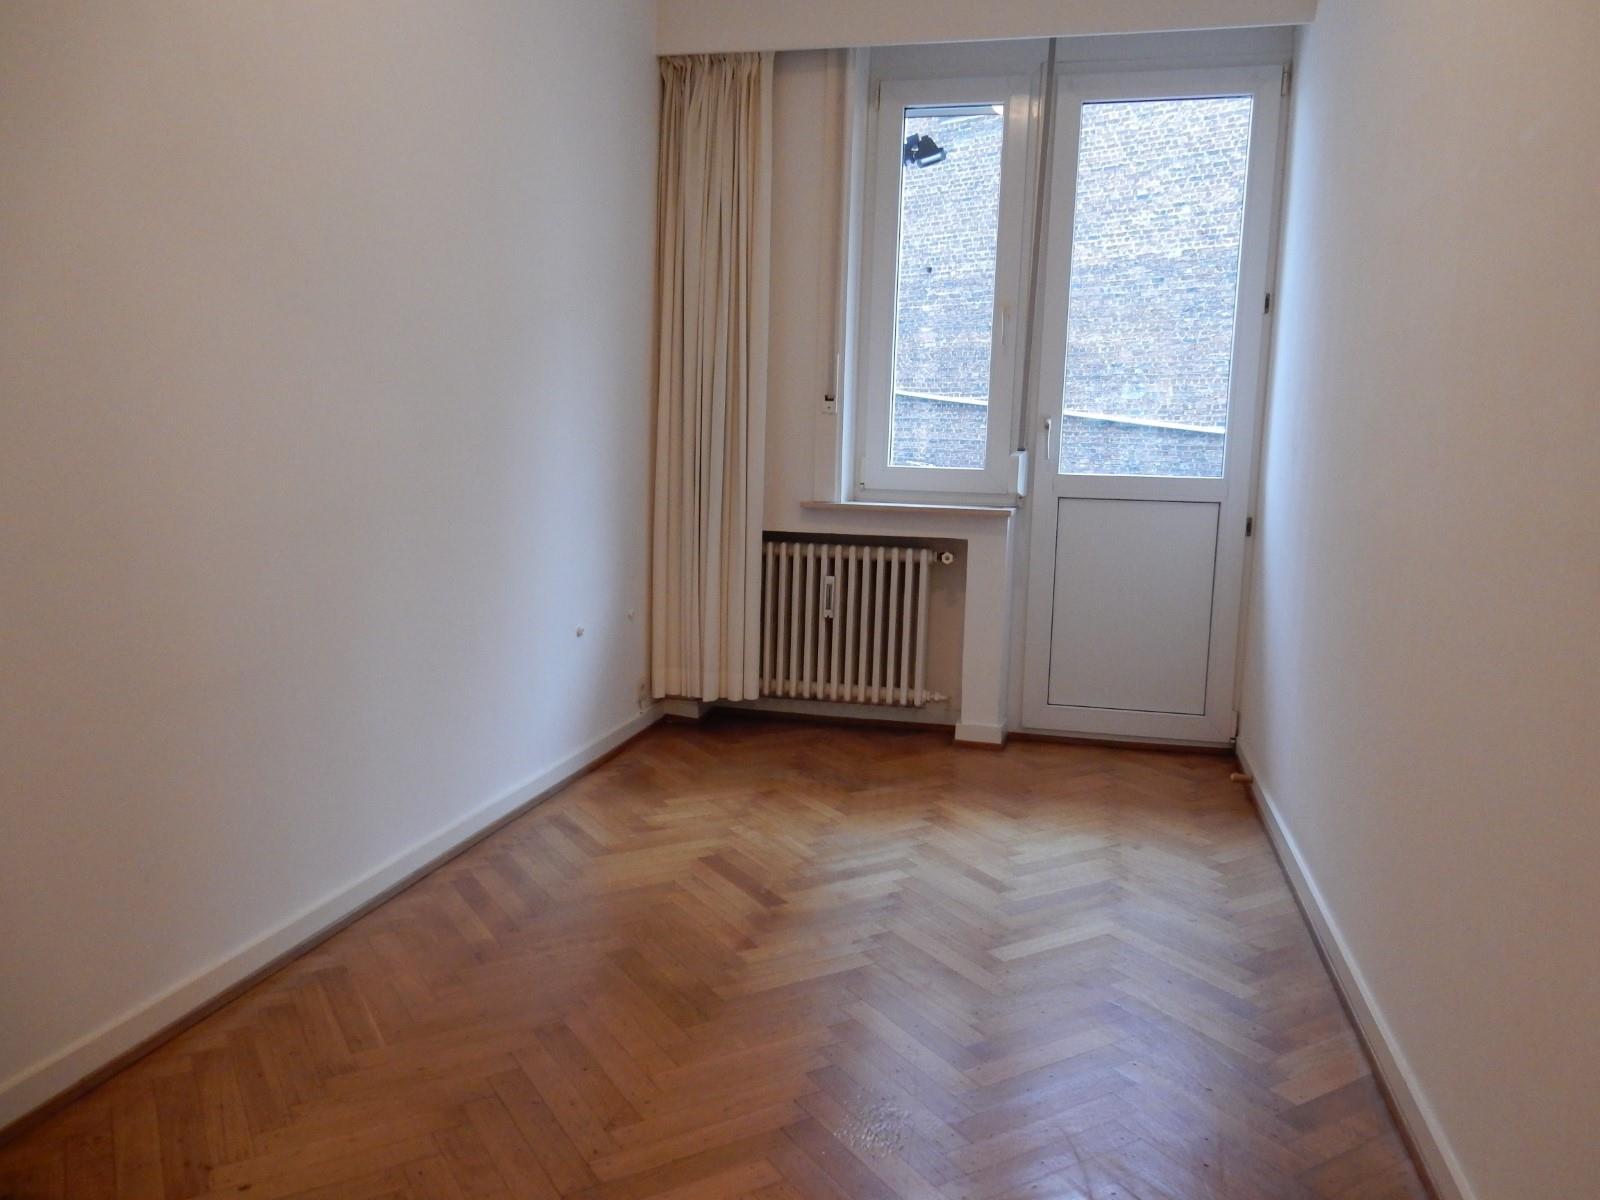 Flat - Ixelles - #3270517-11